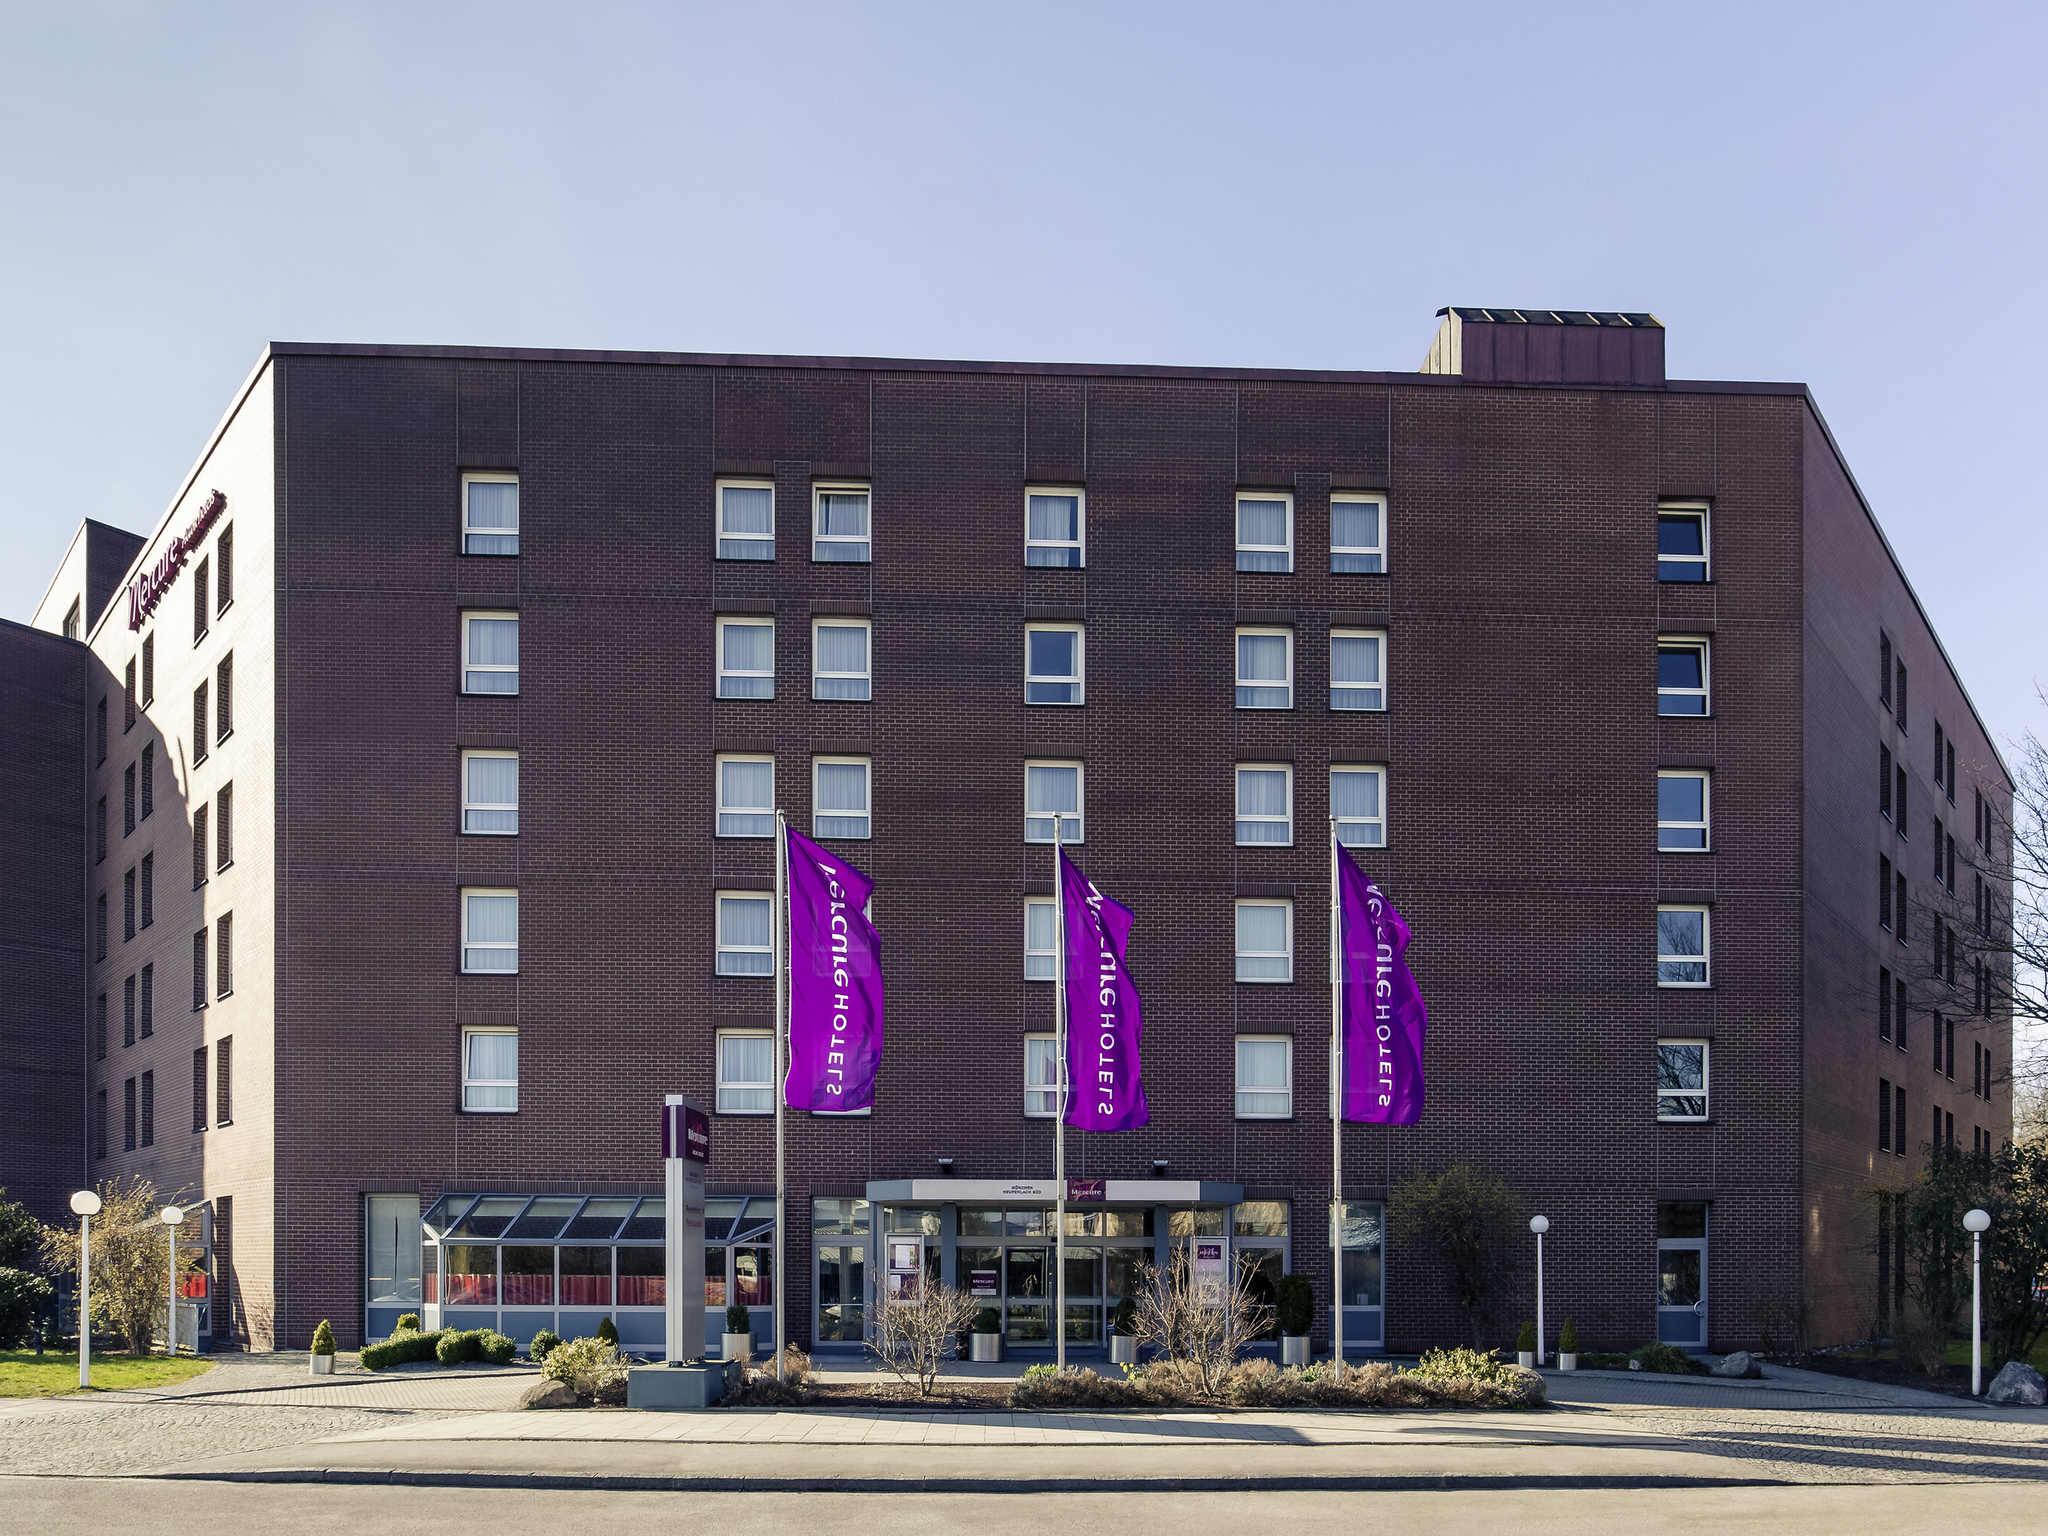 Hotel – Hotel Mercure Munique Neuperlach Sued